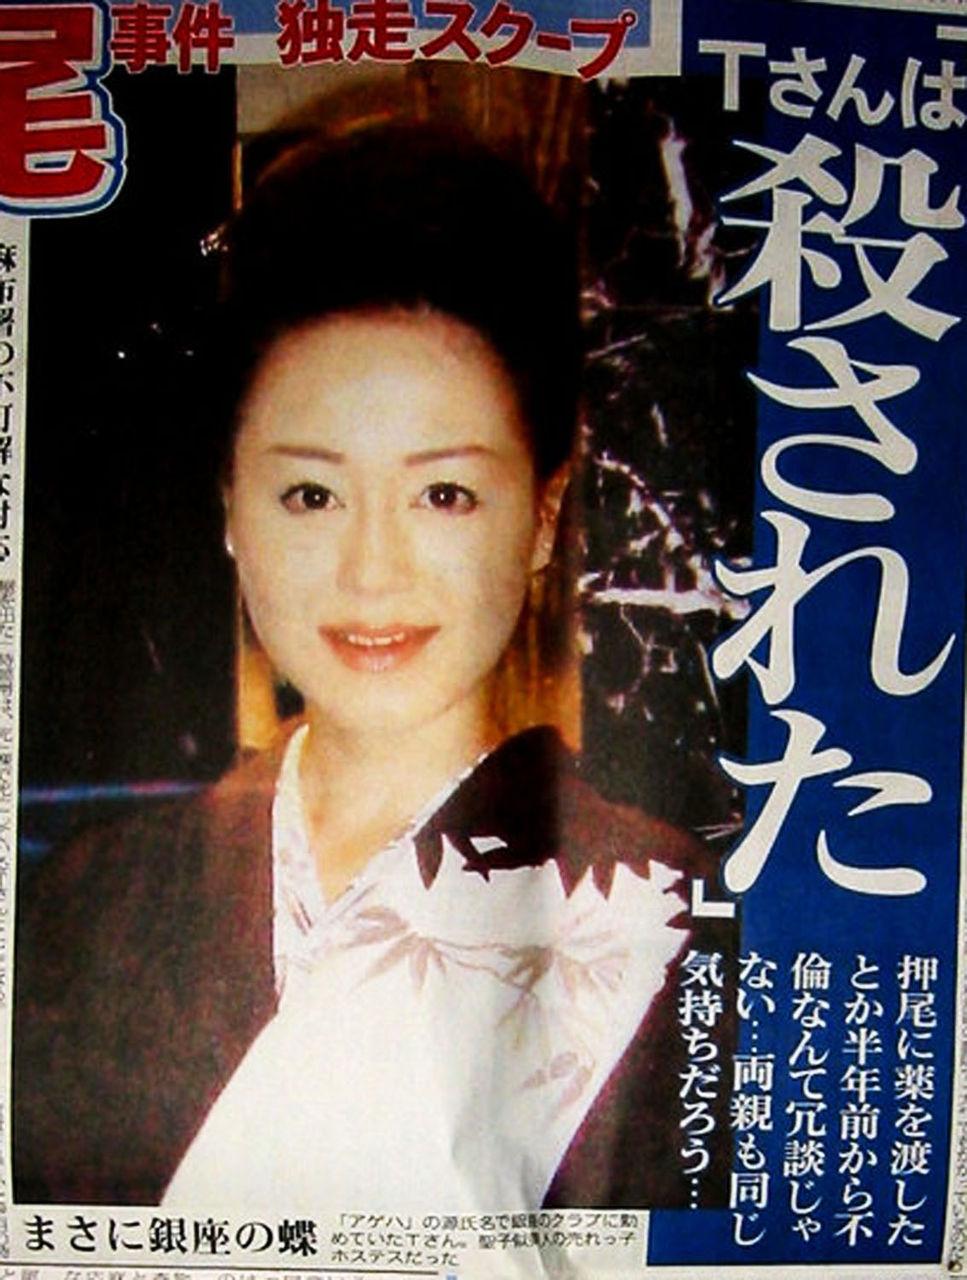 高橋 岩六【最善は最悪から生まれる】のブログ : 酒井法子逃亡<b>事件</b> <b>...</b>